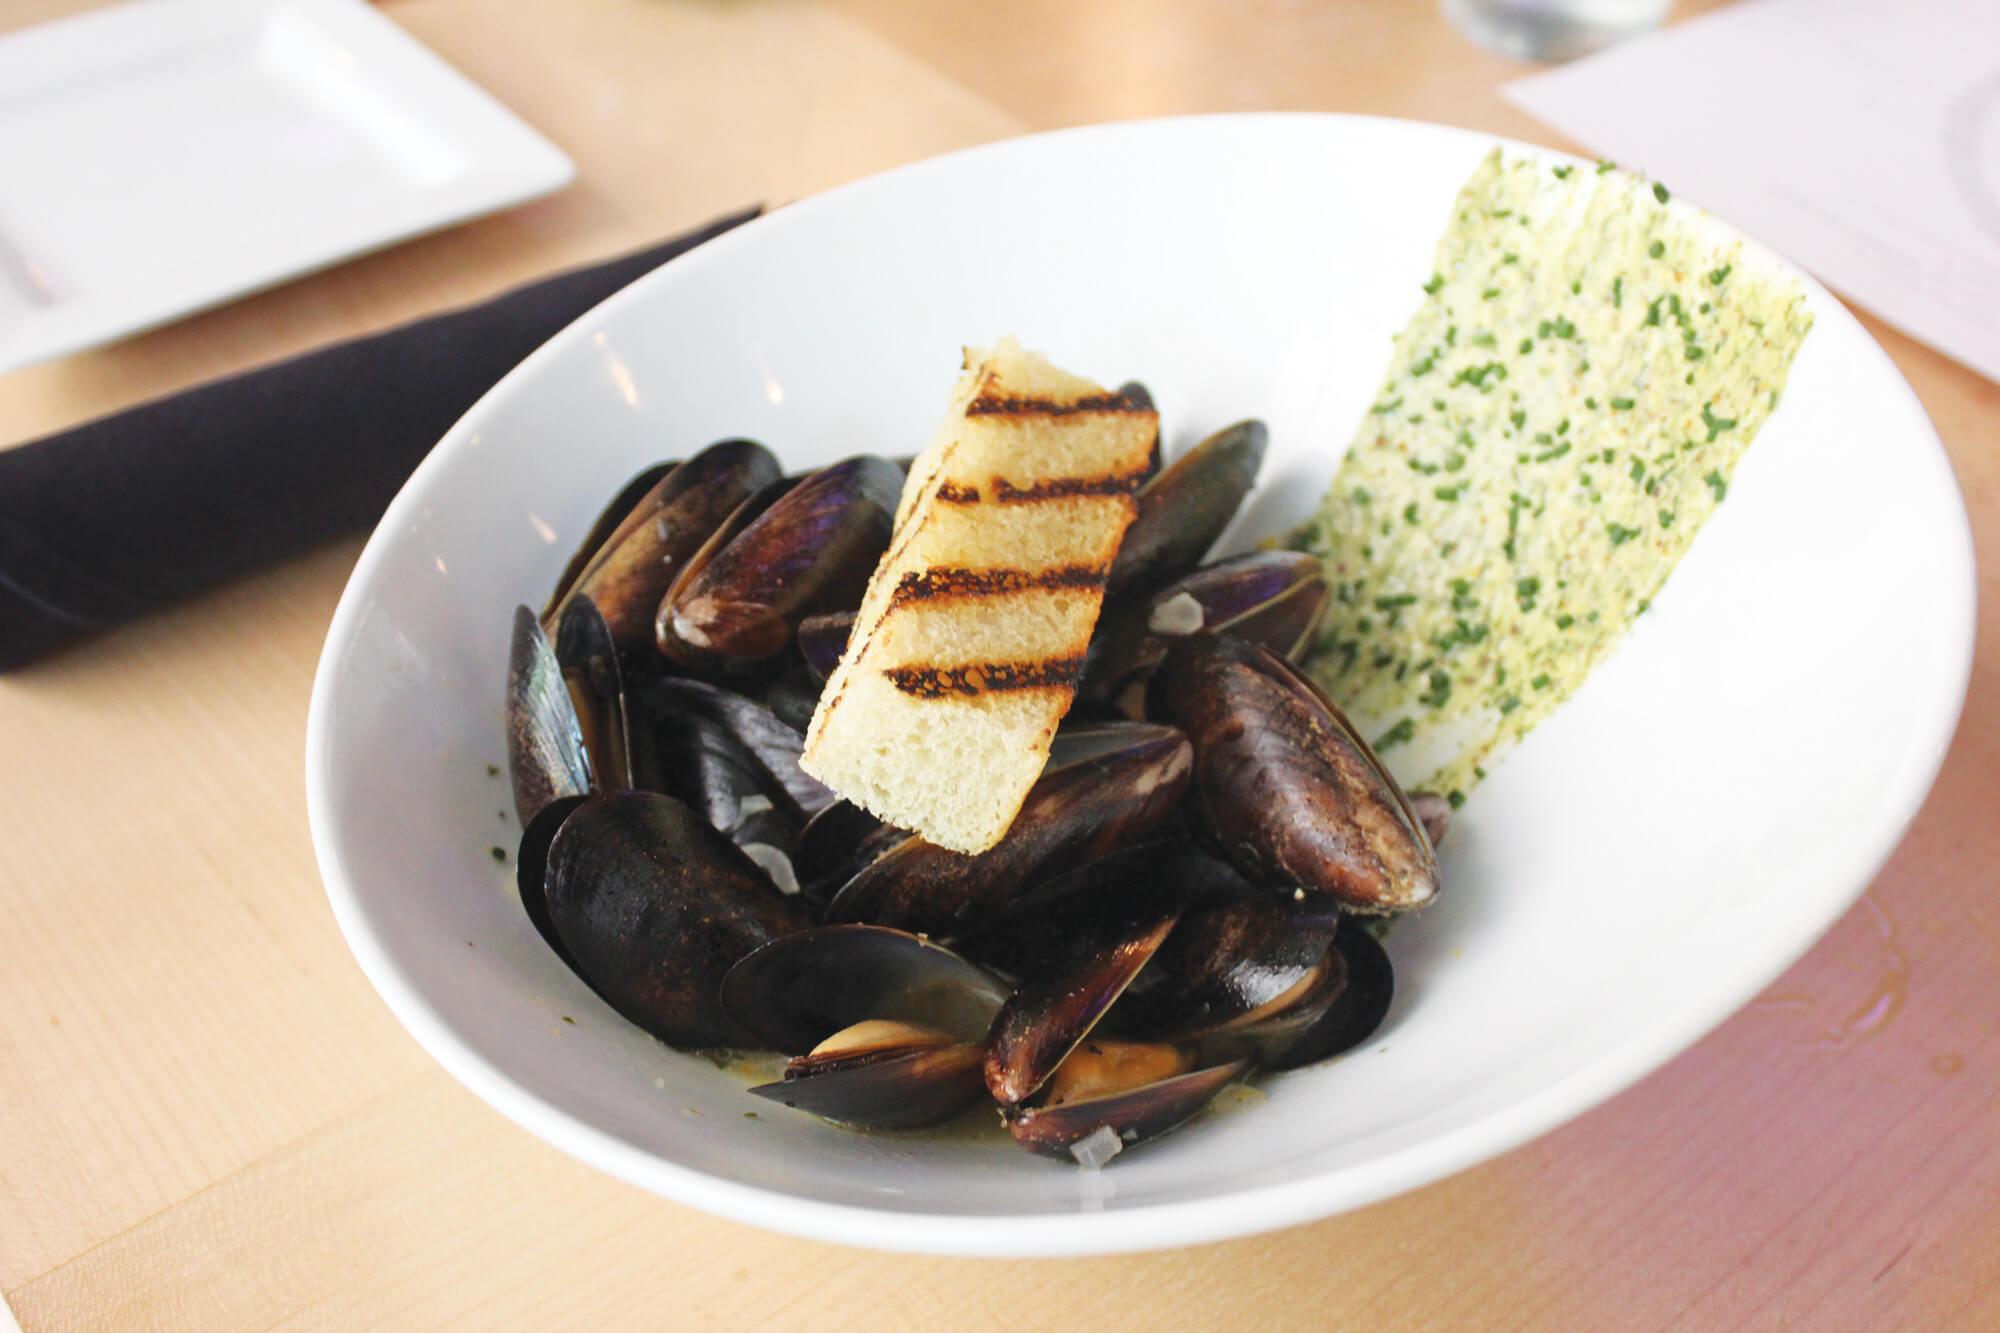 DISH - Restaurant Expose 2017 - Mussels